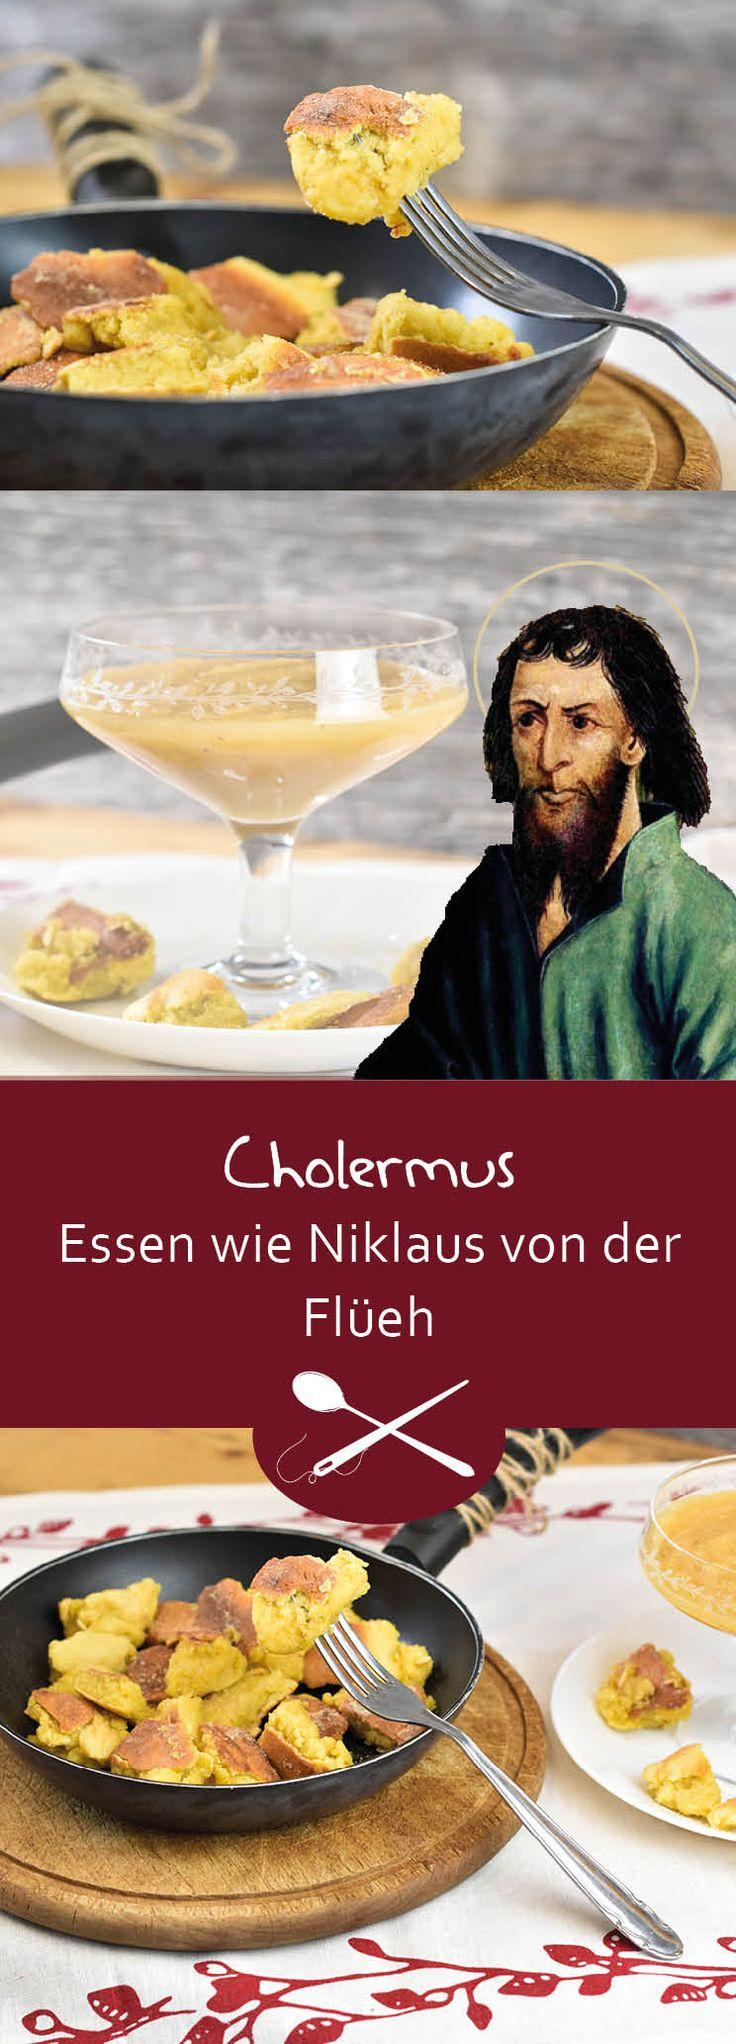 Cholermus ist eine Schweizer Spezialität und kommt aus dem Kanton Obwalden. Dies ist auch das Herkunftsgebiet von Niklaus von der Flüh oder auch Bruder Klaus genannt. Da dieses Rezept seit Jahrhunderten im Schweizer Kochtöpfen zubereitet wird, ist es nicht unwahrscheinlich, dass dieses Gericht auch auf dem Tisch von Bruder Klaus und seiner Familie landete.